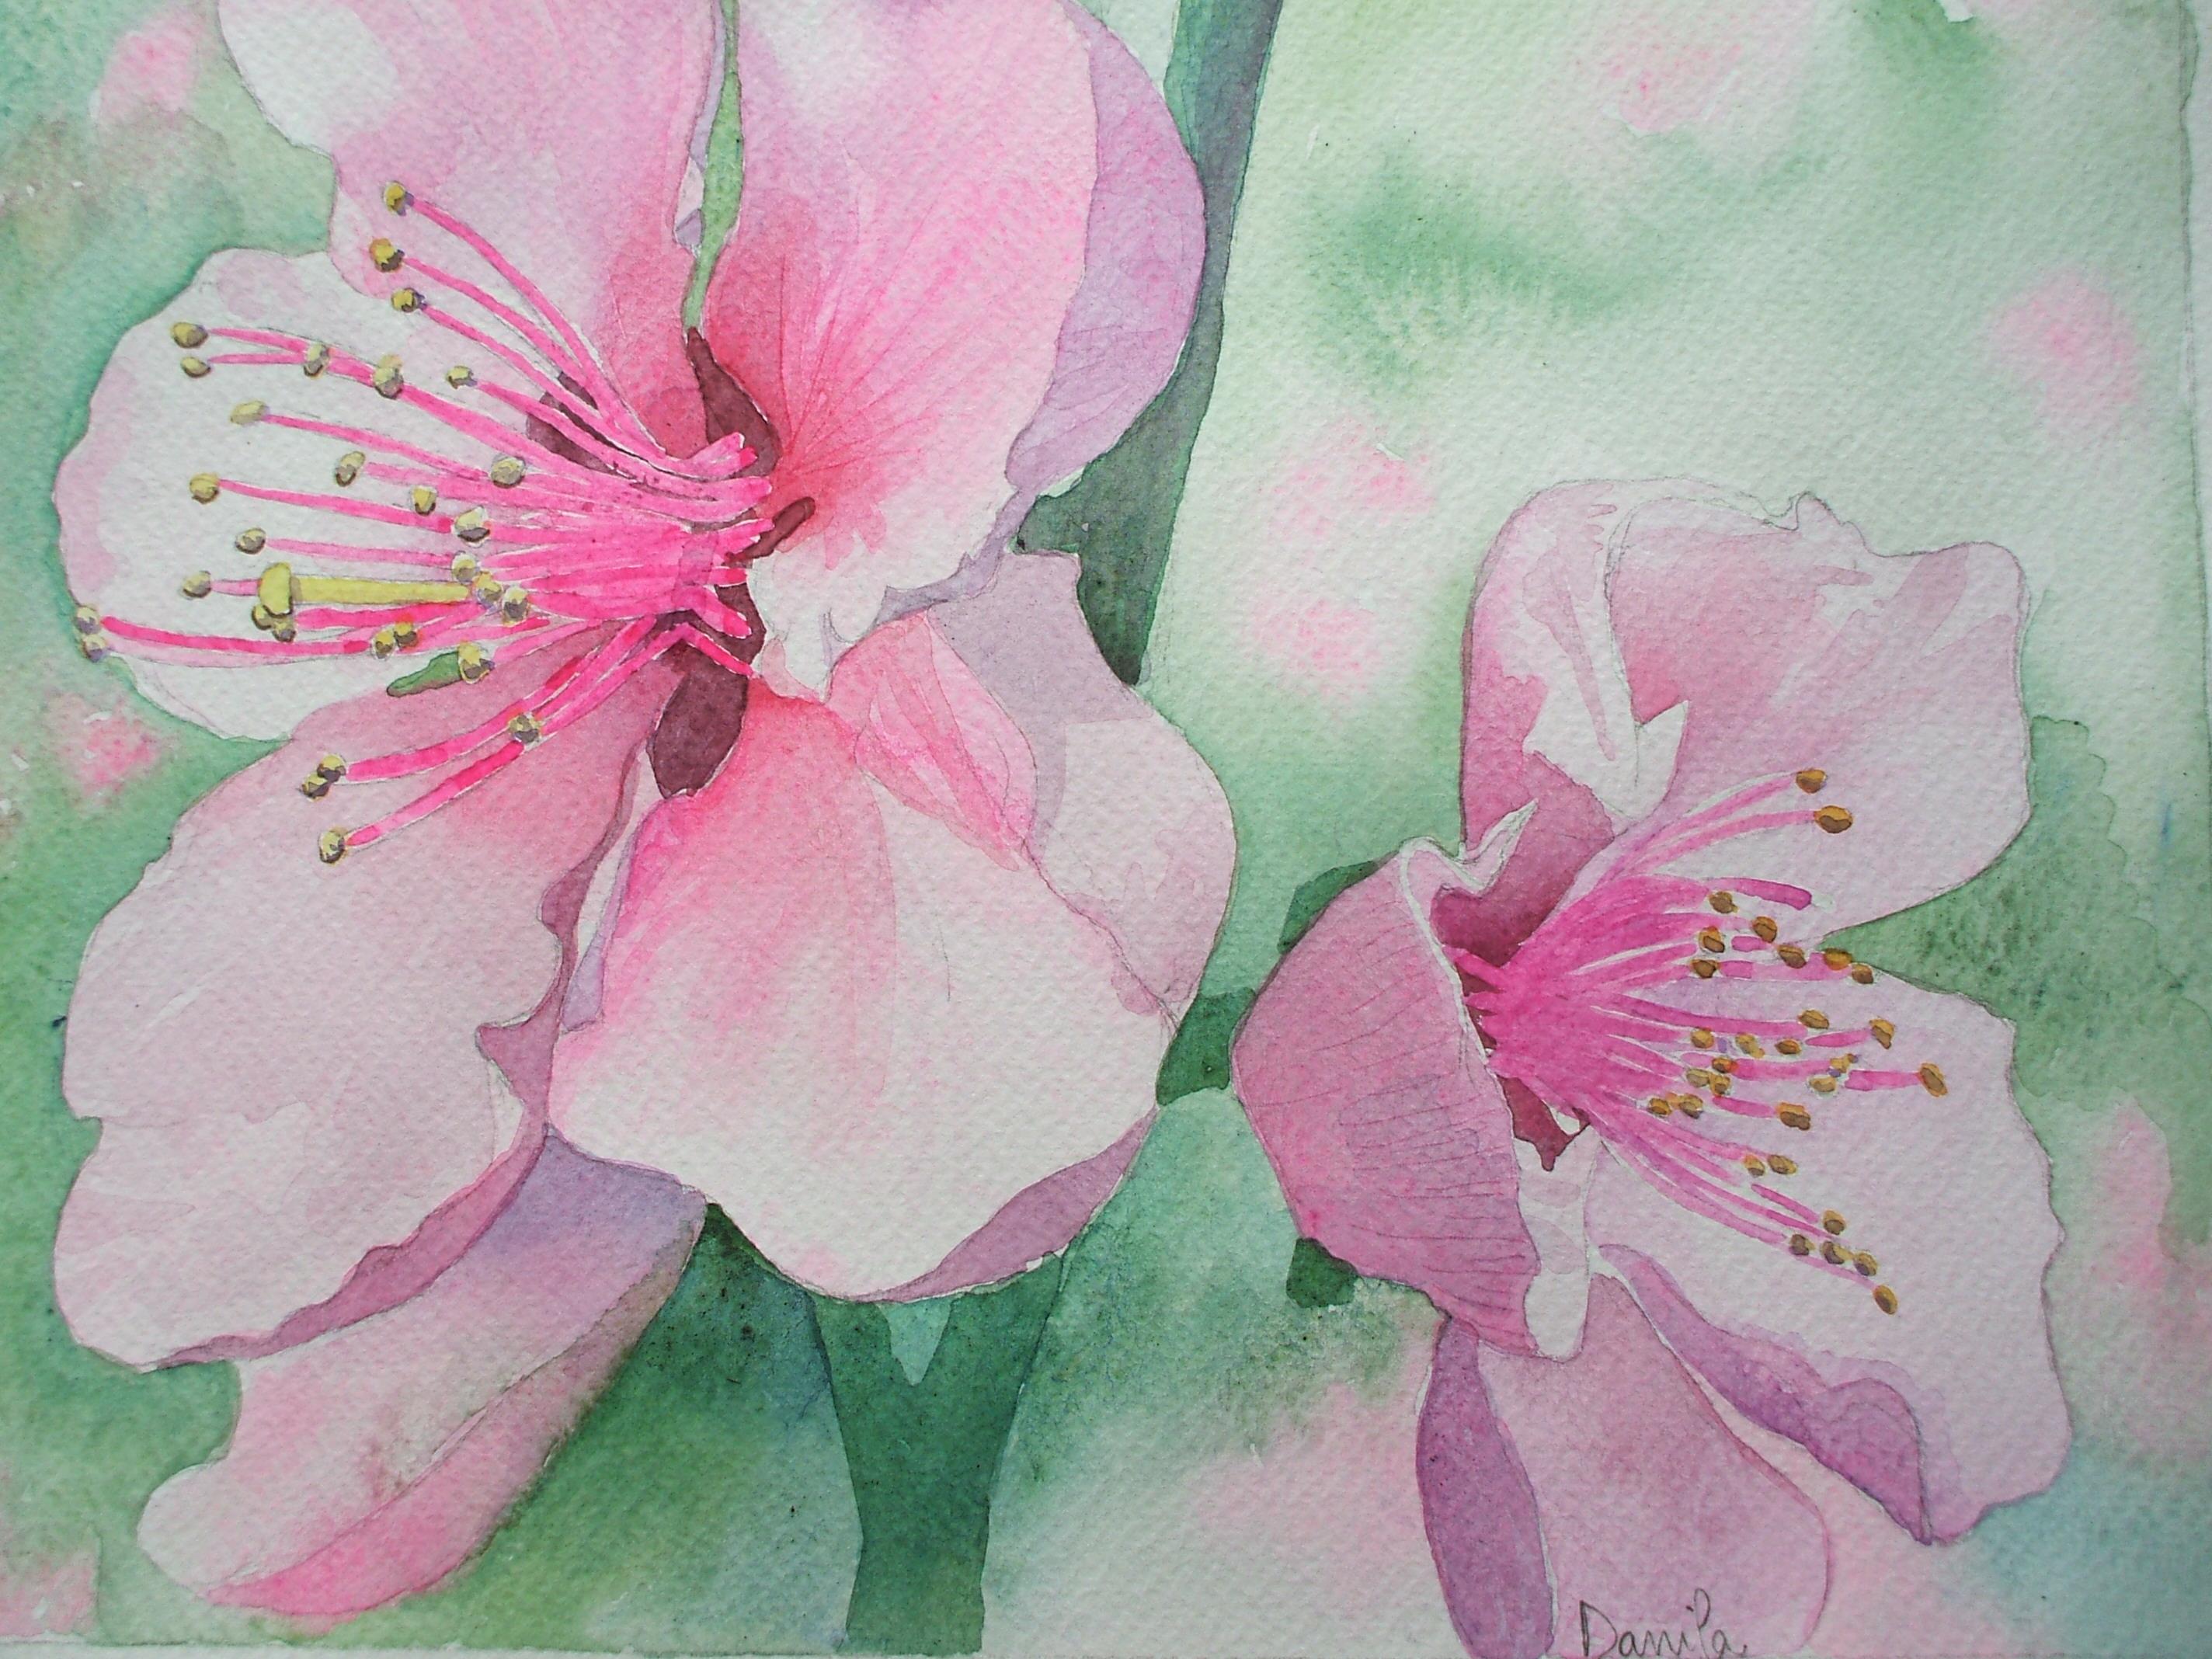 Fiori di ciliegio giapponese estri in laboratorio for Fiori di ciliegio dipinti